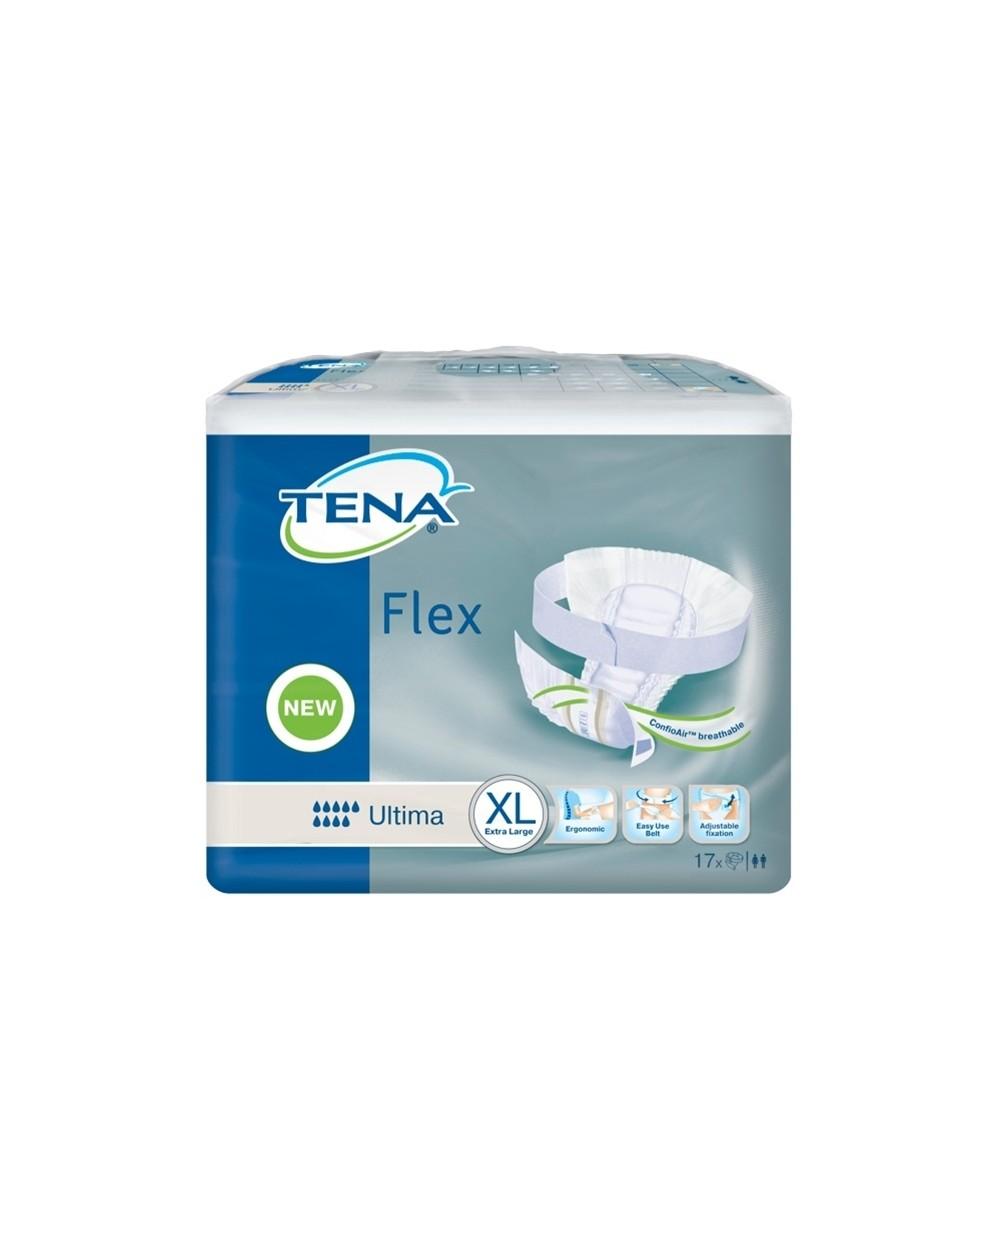 Tena Flex Ultima XL | VivaMedical.be